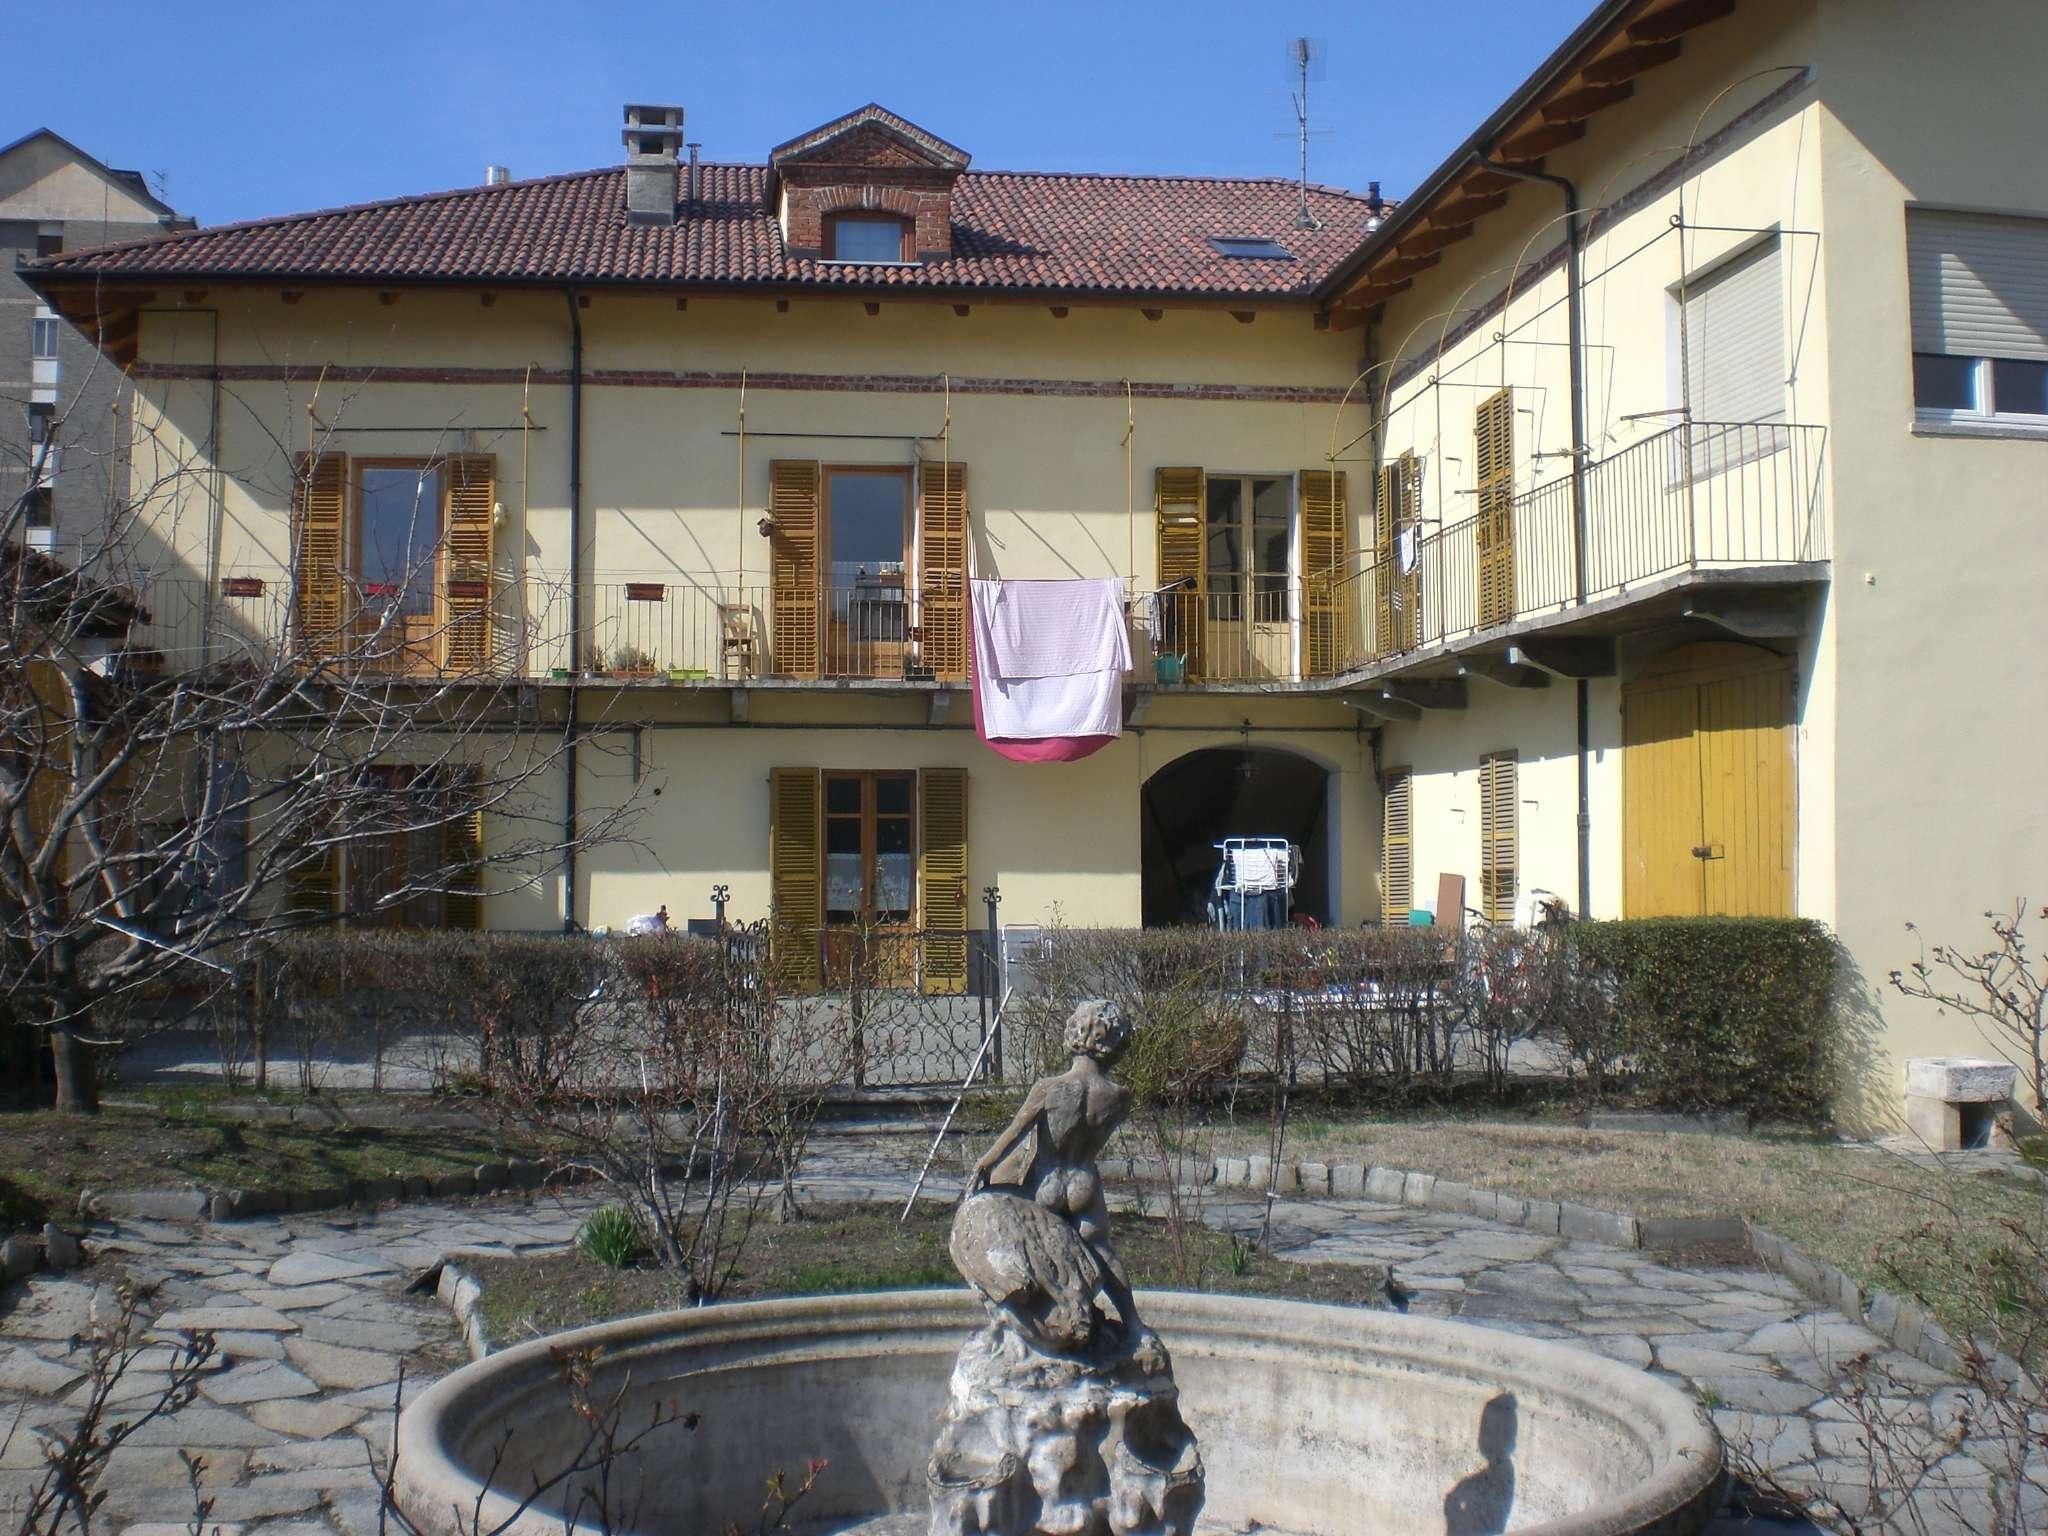 Appartamento in vendita a Bussoleno, 3 locali, prezzo € 79.000 | CambioCasa.it